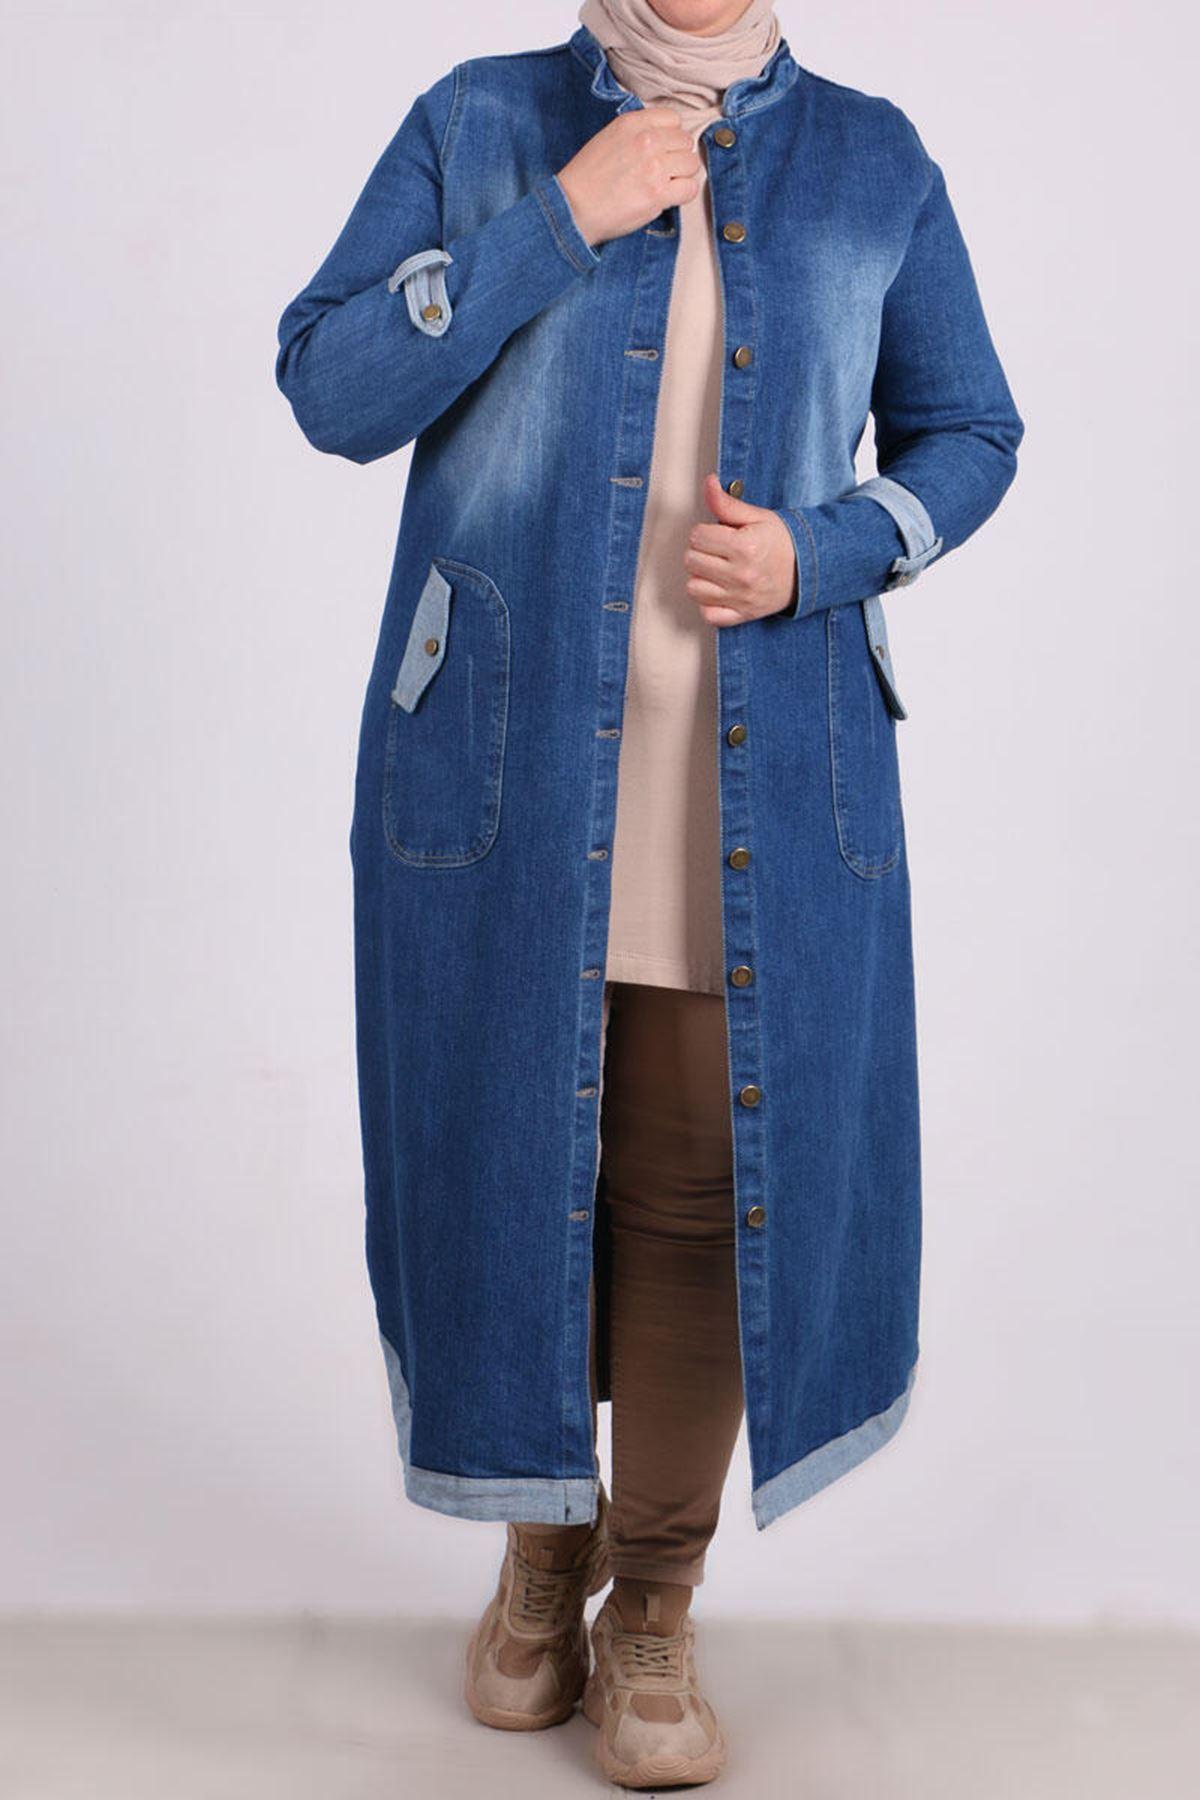 3092-2 كاب جينز مقاس كبير - أزرق